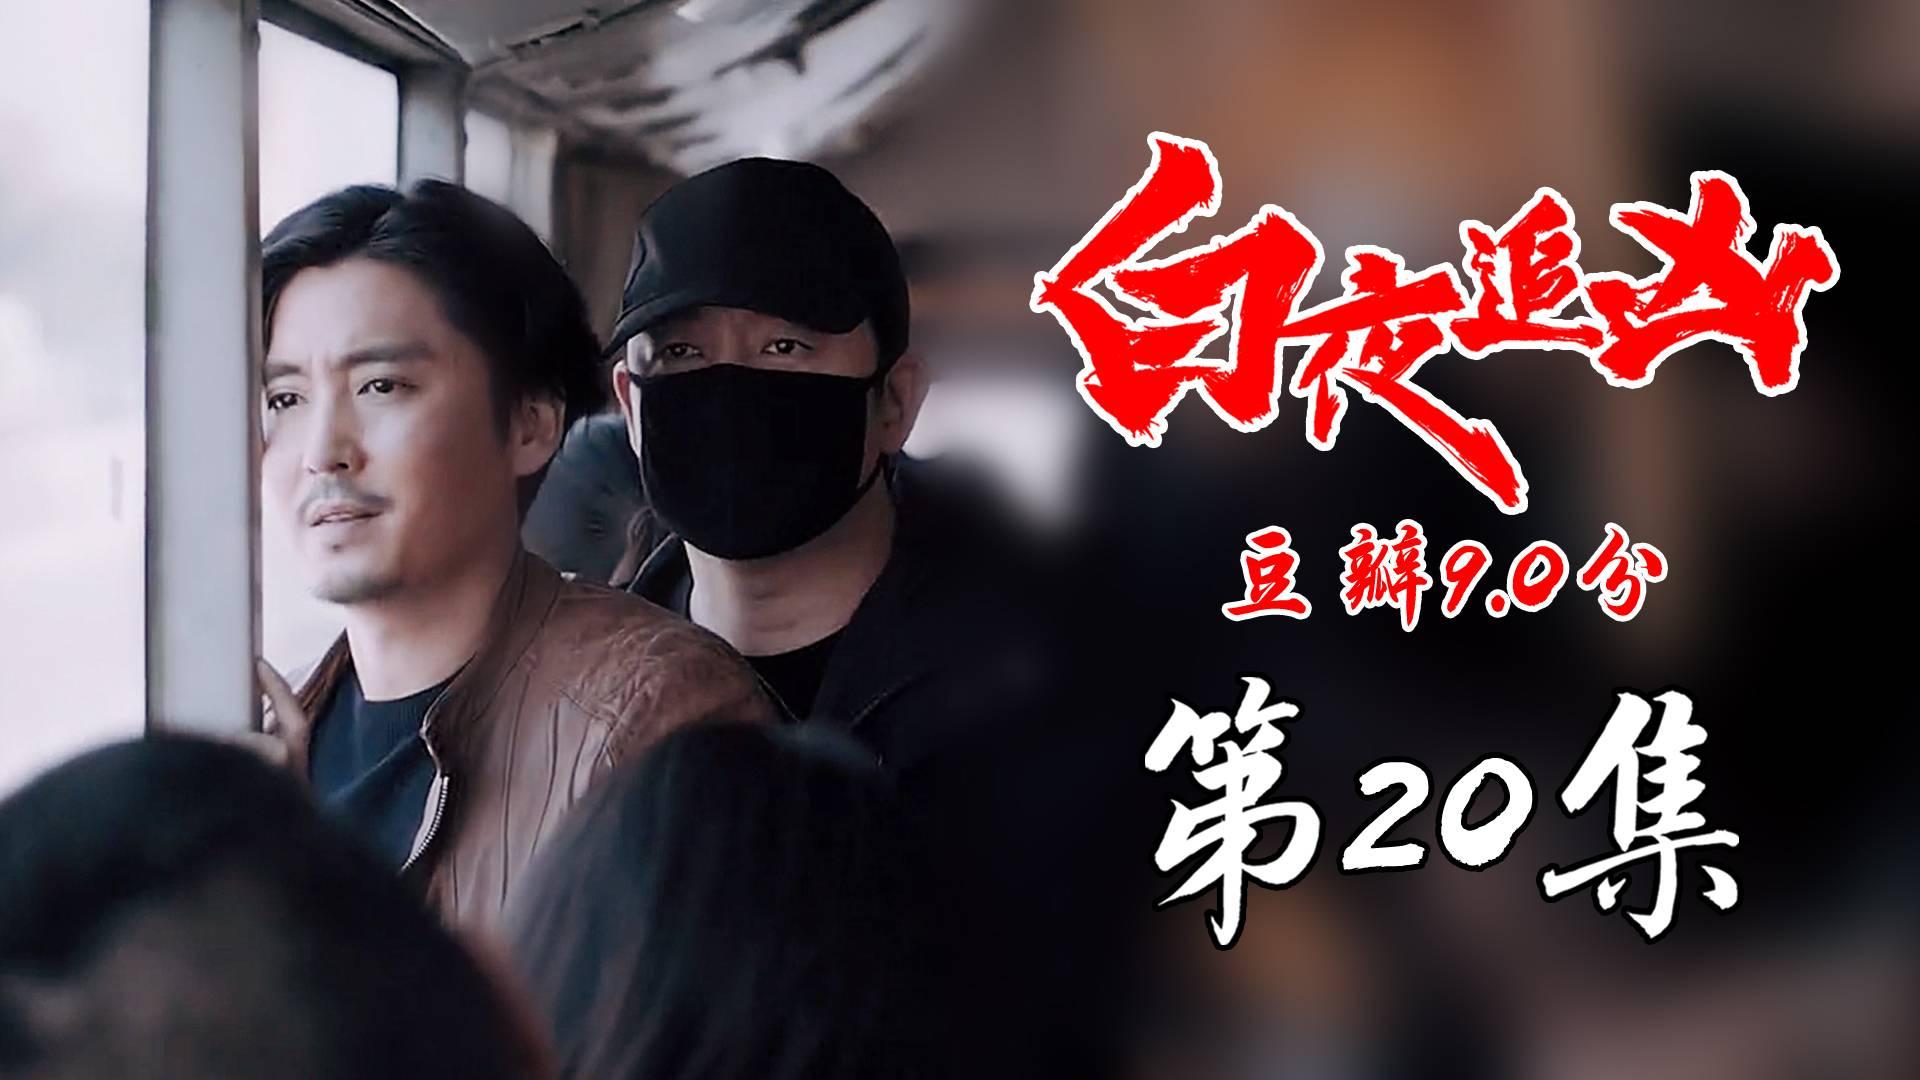 【白夜追凶20】:豆瓣9.0,关队持枪挟持周巡,宏宇江州千里追凶